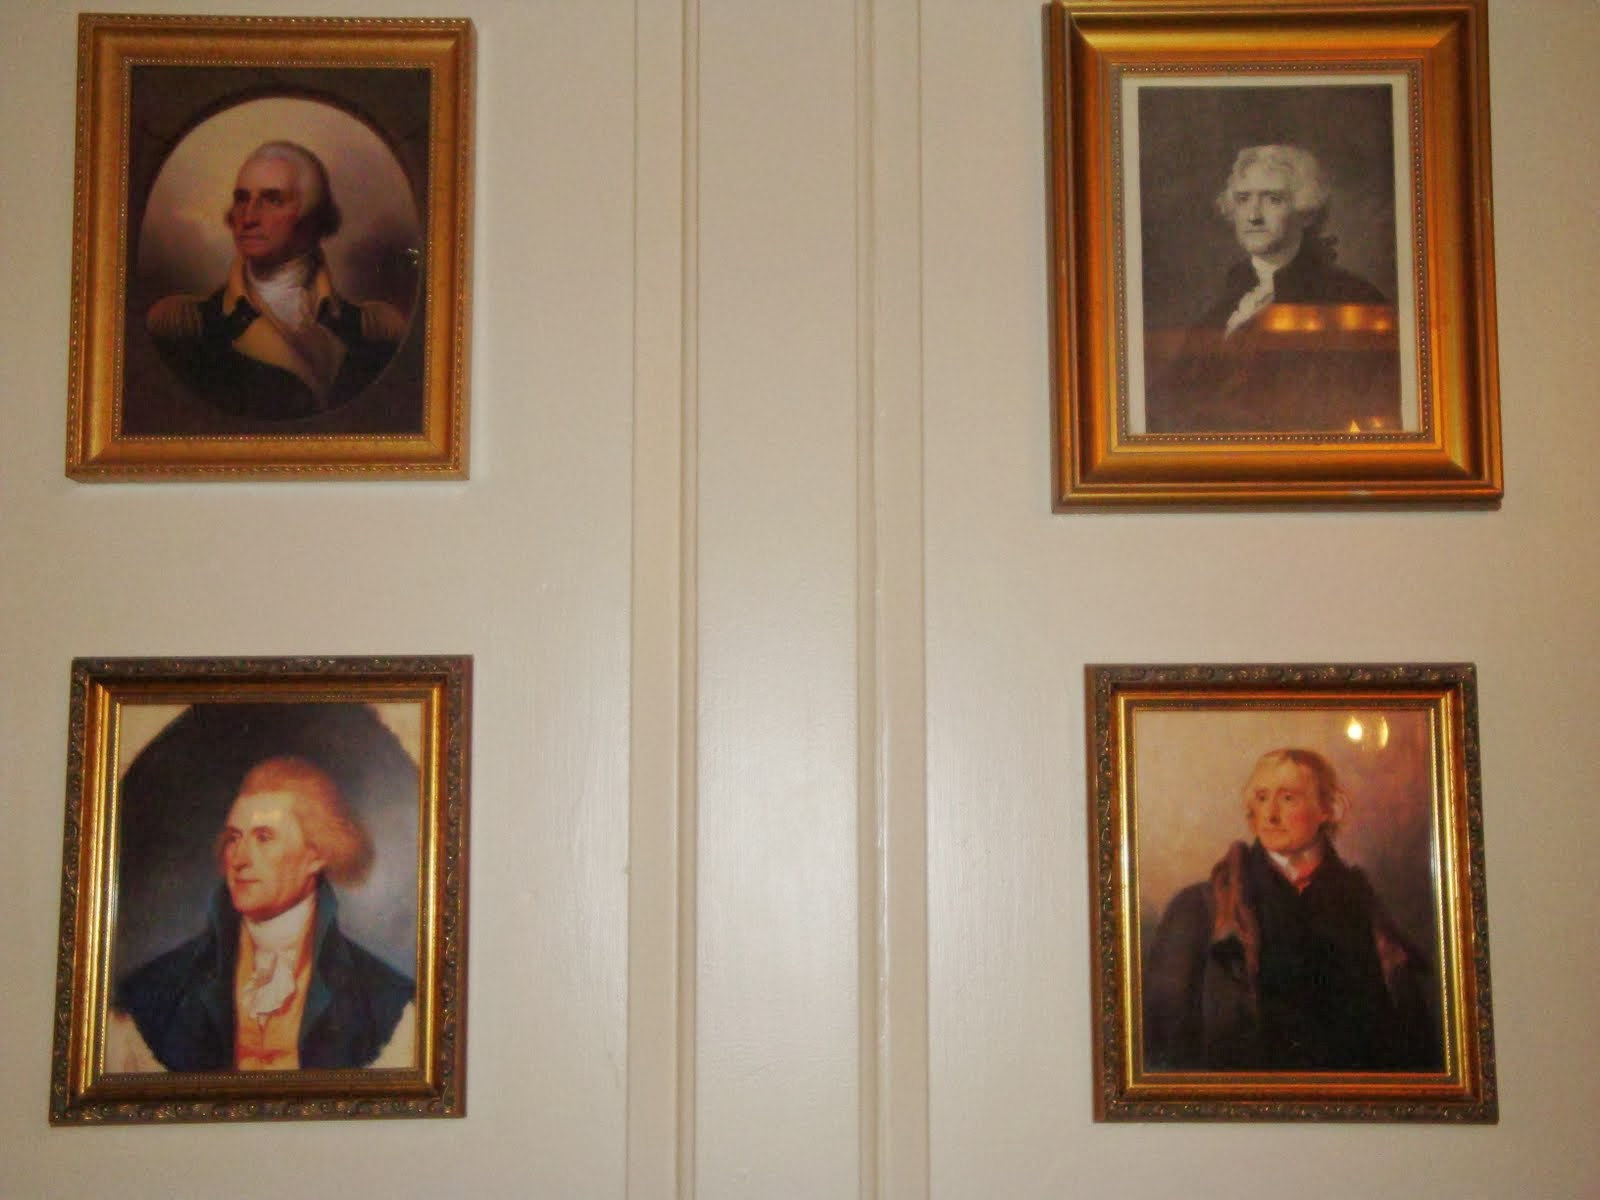 LTT_Founding_Fathers.JPG